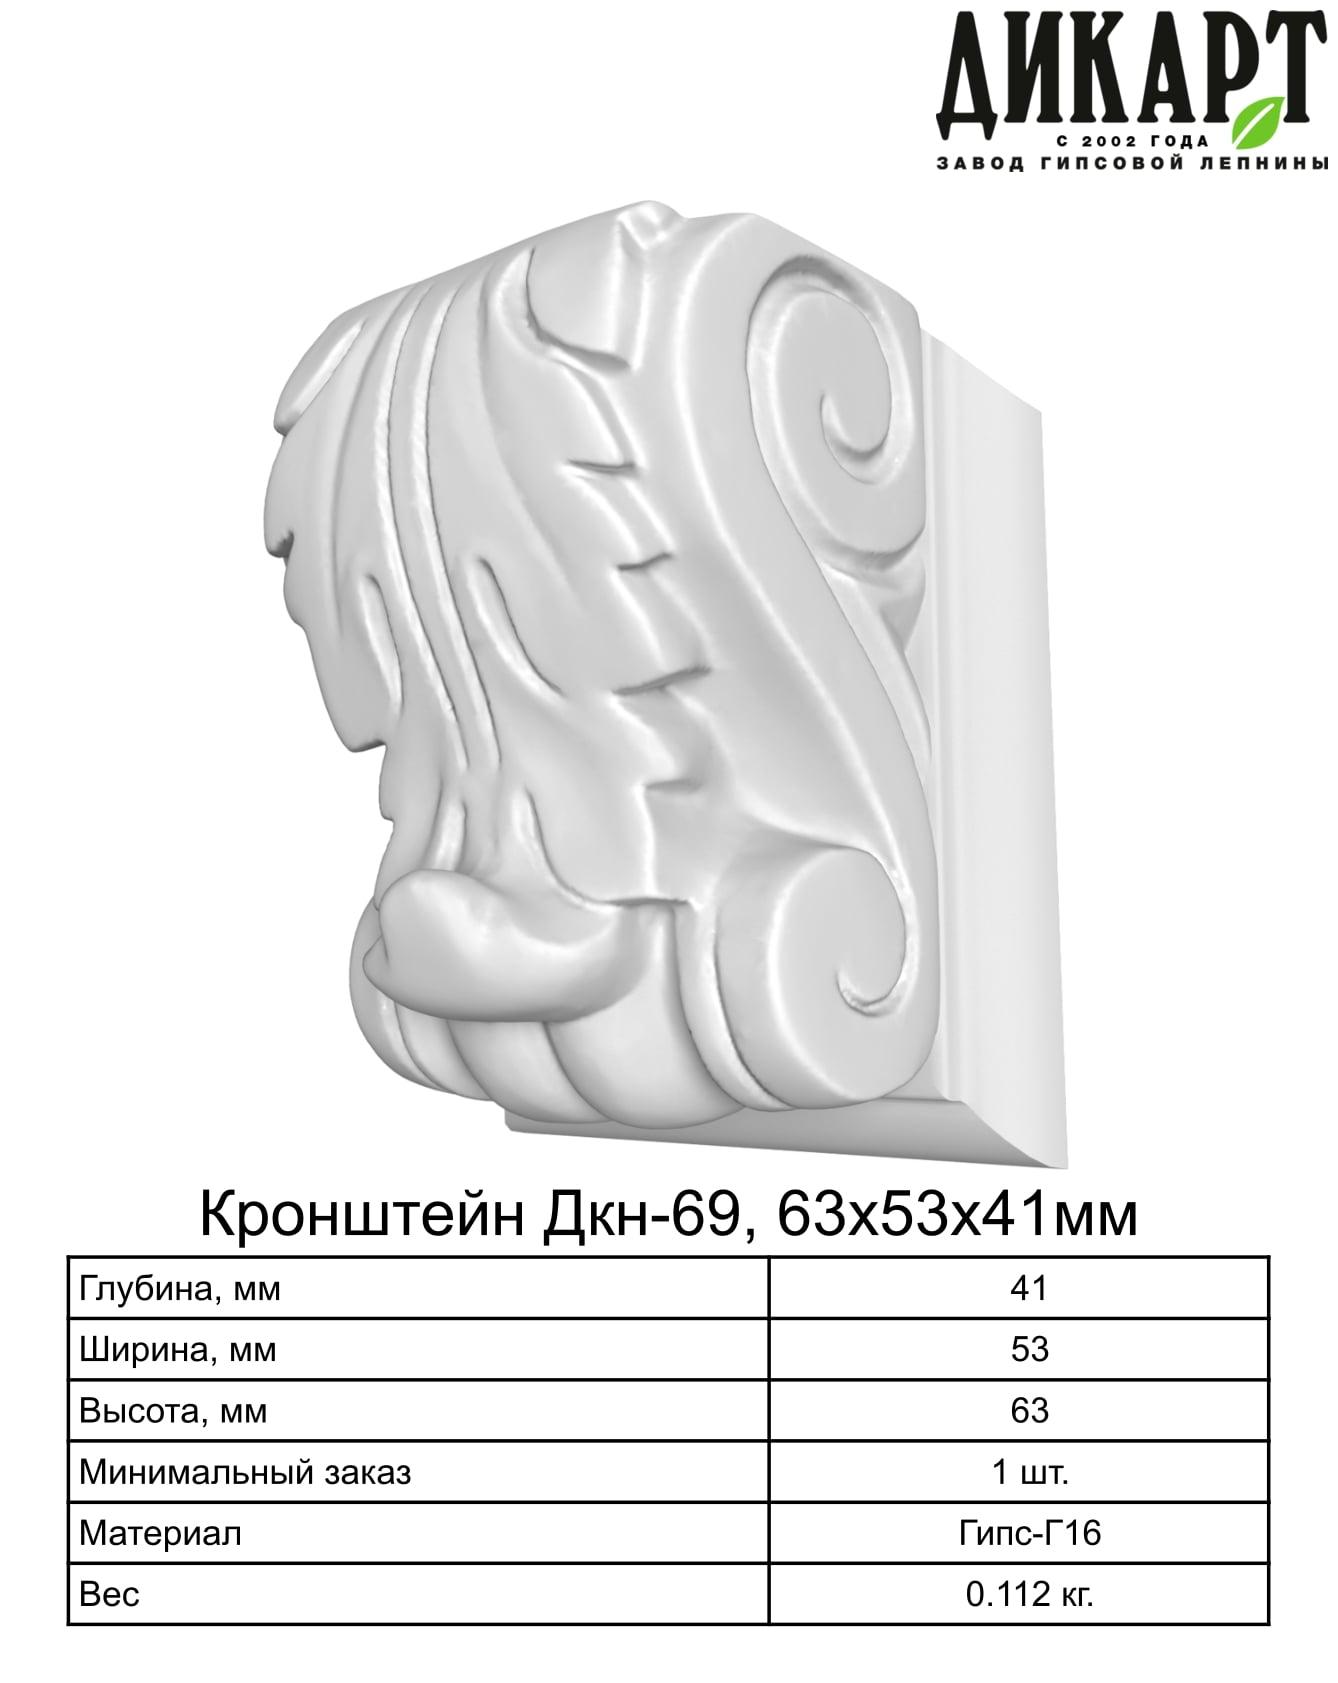 Кронштейн_Дкн-69